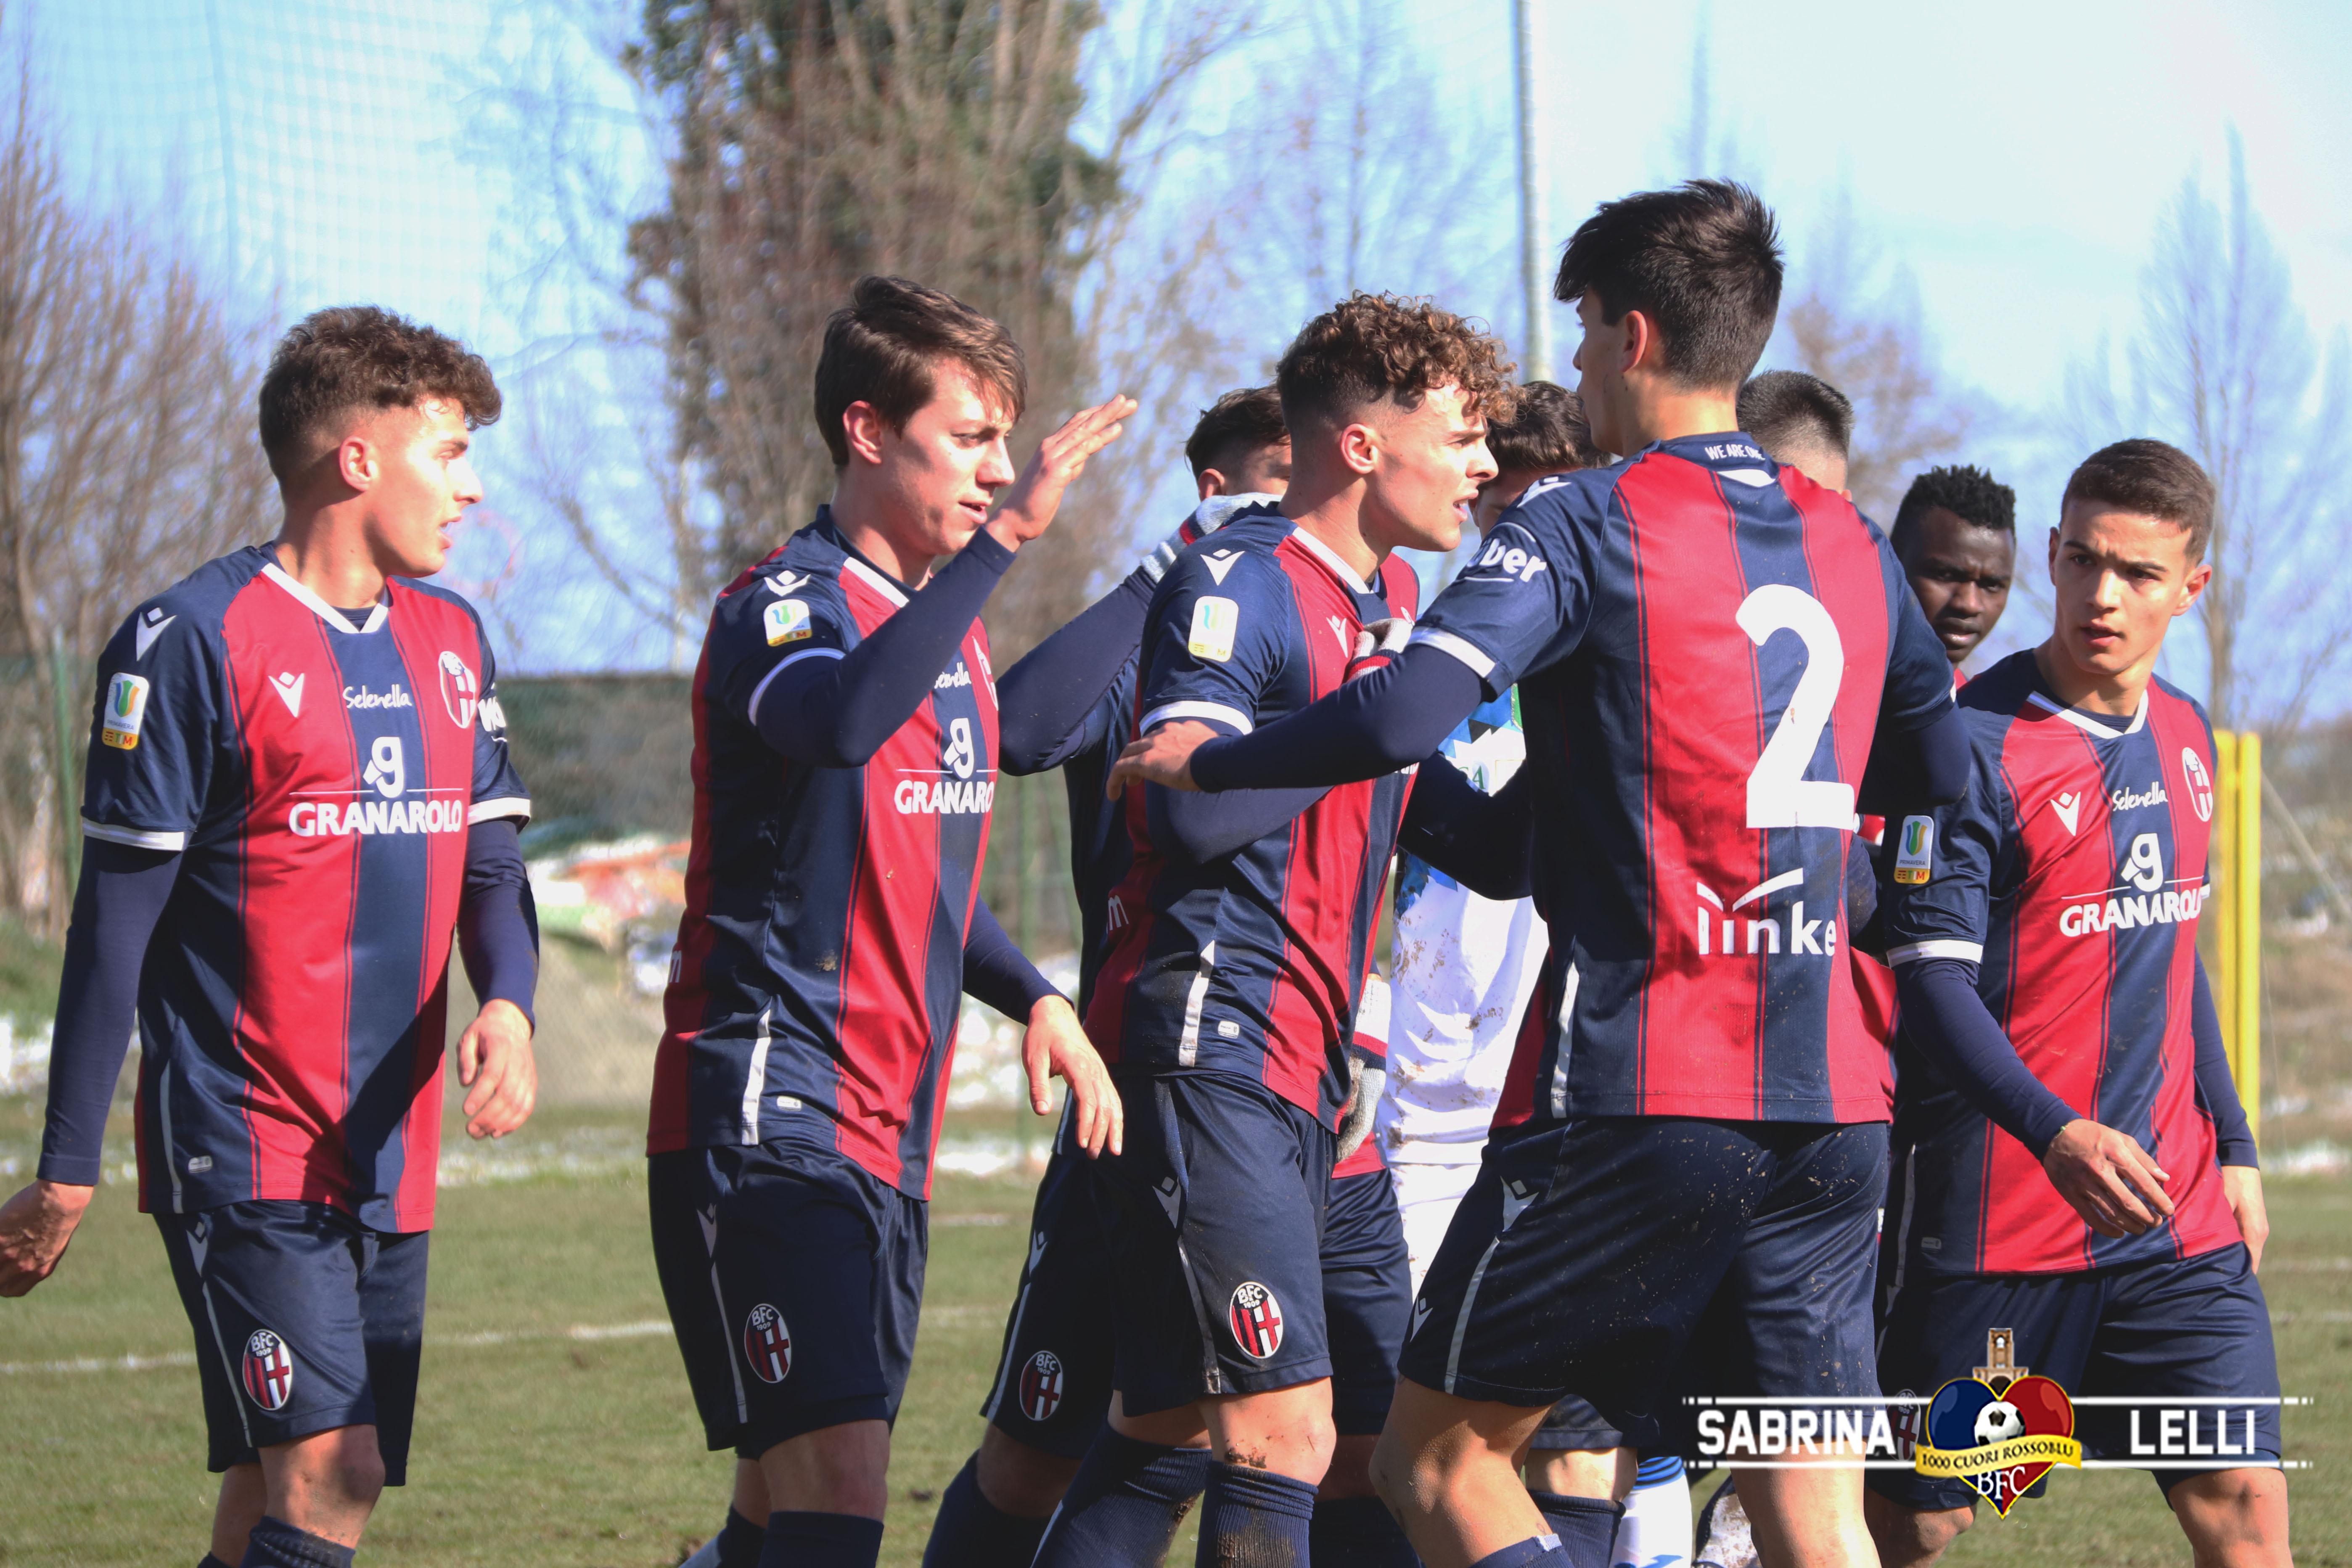 [FINALE] Primavera - Juventus-Bologna 2-2: rossoblù recuperati in extremis da un gol di Da Graca